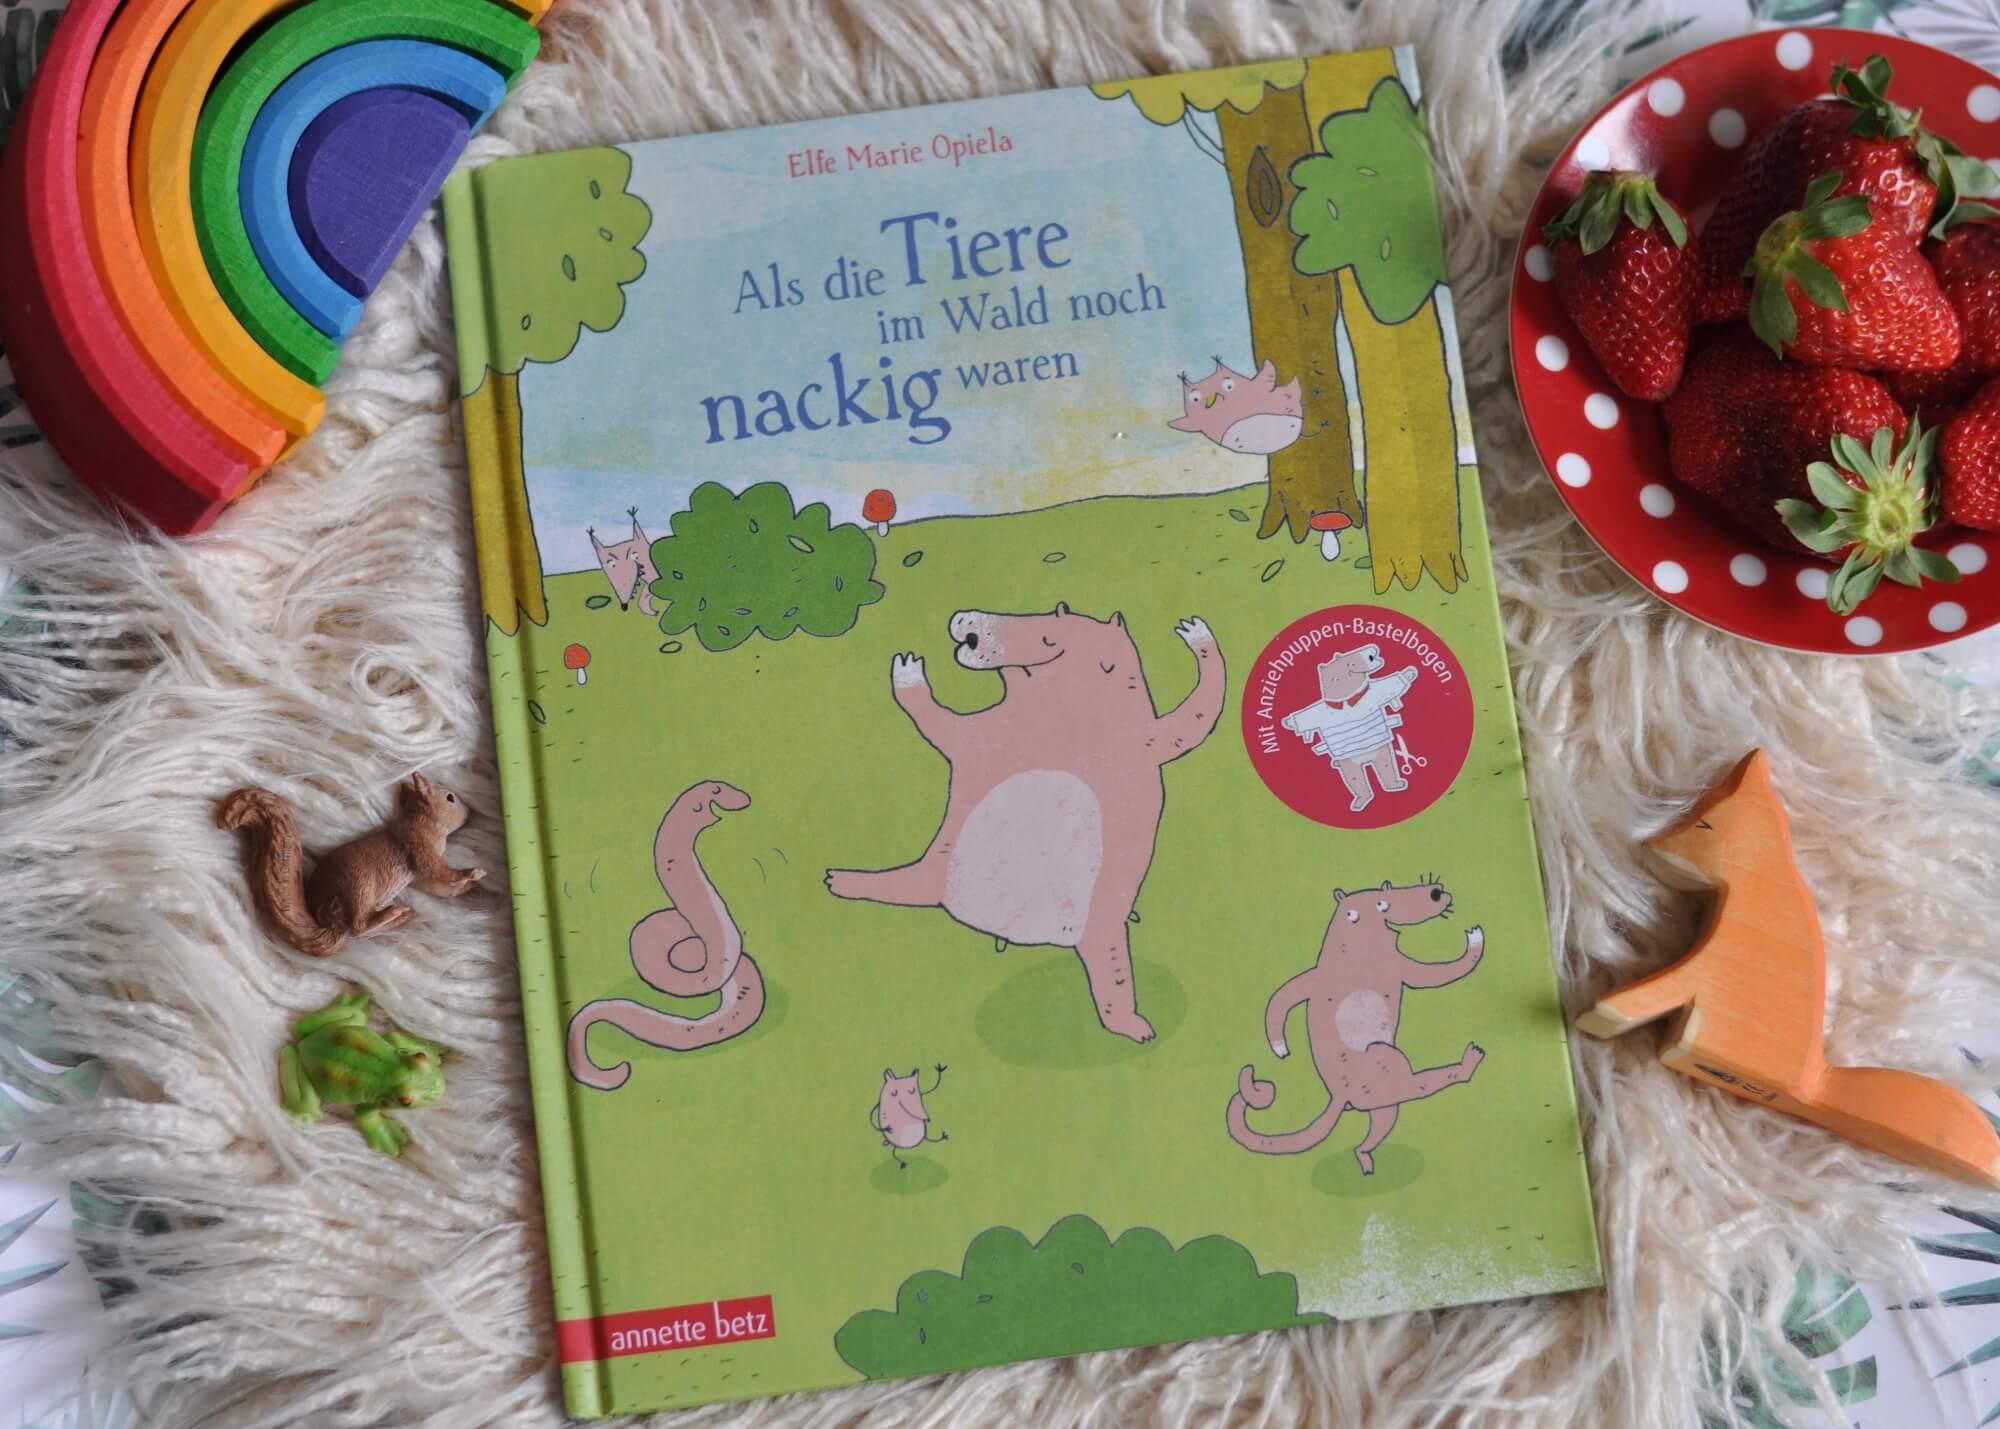 Wie die Tiere zu ihren Pelzen kamen ist doch klar: Eine Kleidertausch-Party war es. Ein witziges Bilderbuch zum Kichern und Grinsen. #tiere #wald #buch #kinder #bilderbuch #vorlesen